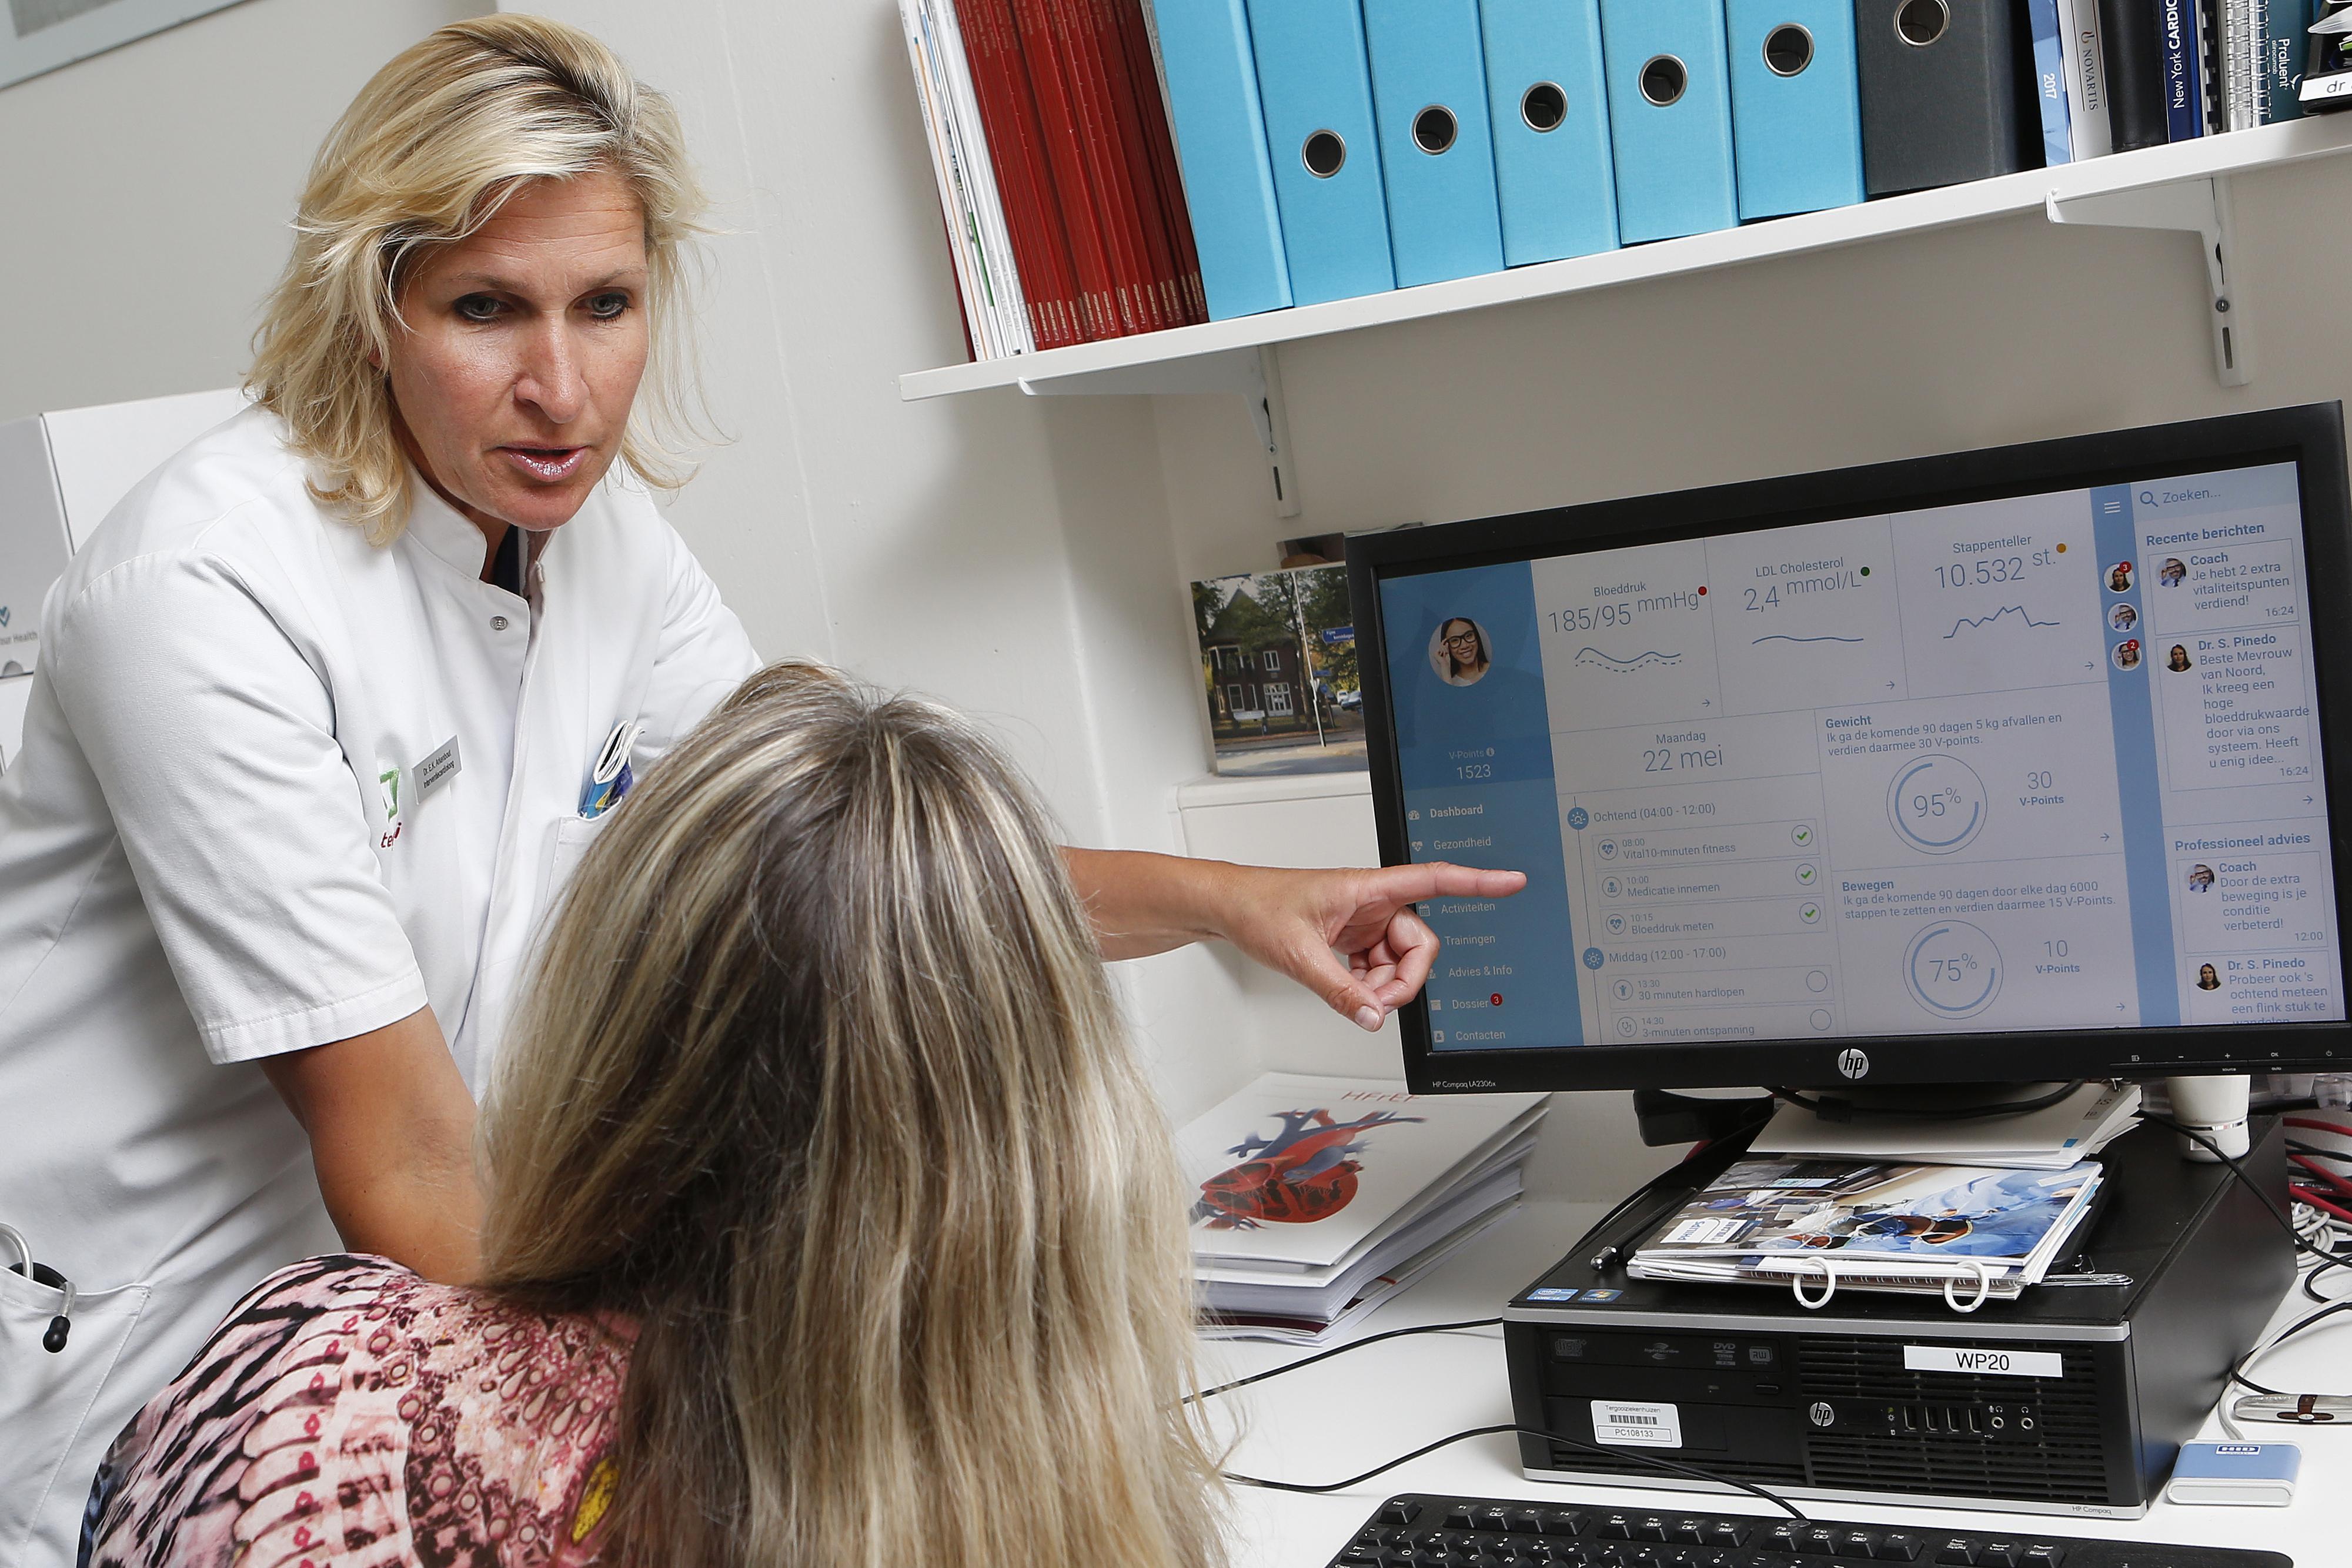 Beloning voor goed gedrag hartpatiënten Tergooi: korting in winkels